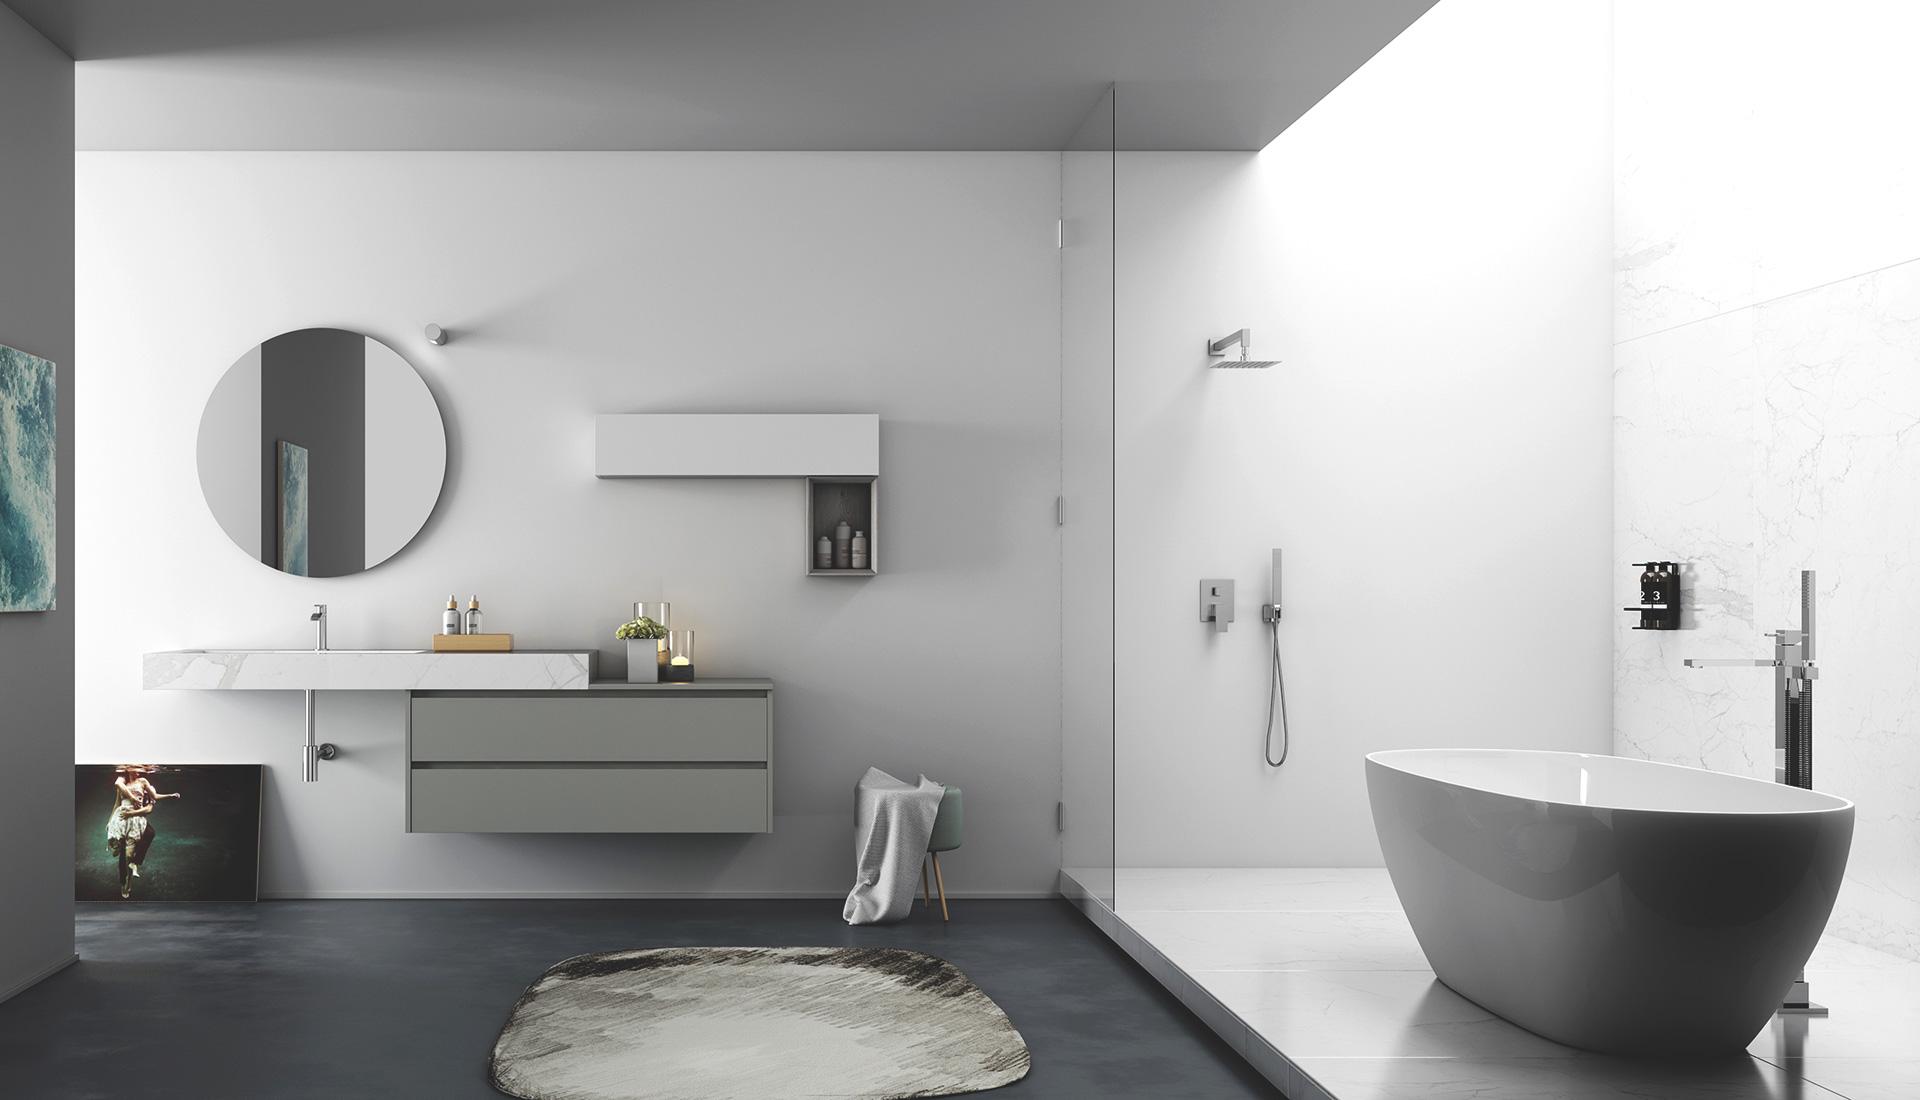 mattonelle per bagno moderno. bagni piccoli piastrelle foto bagni ... - Decori Per Bagni Moderni